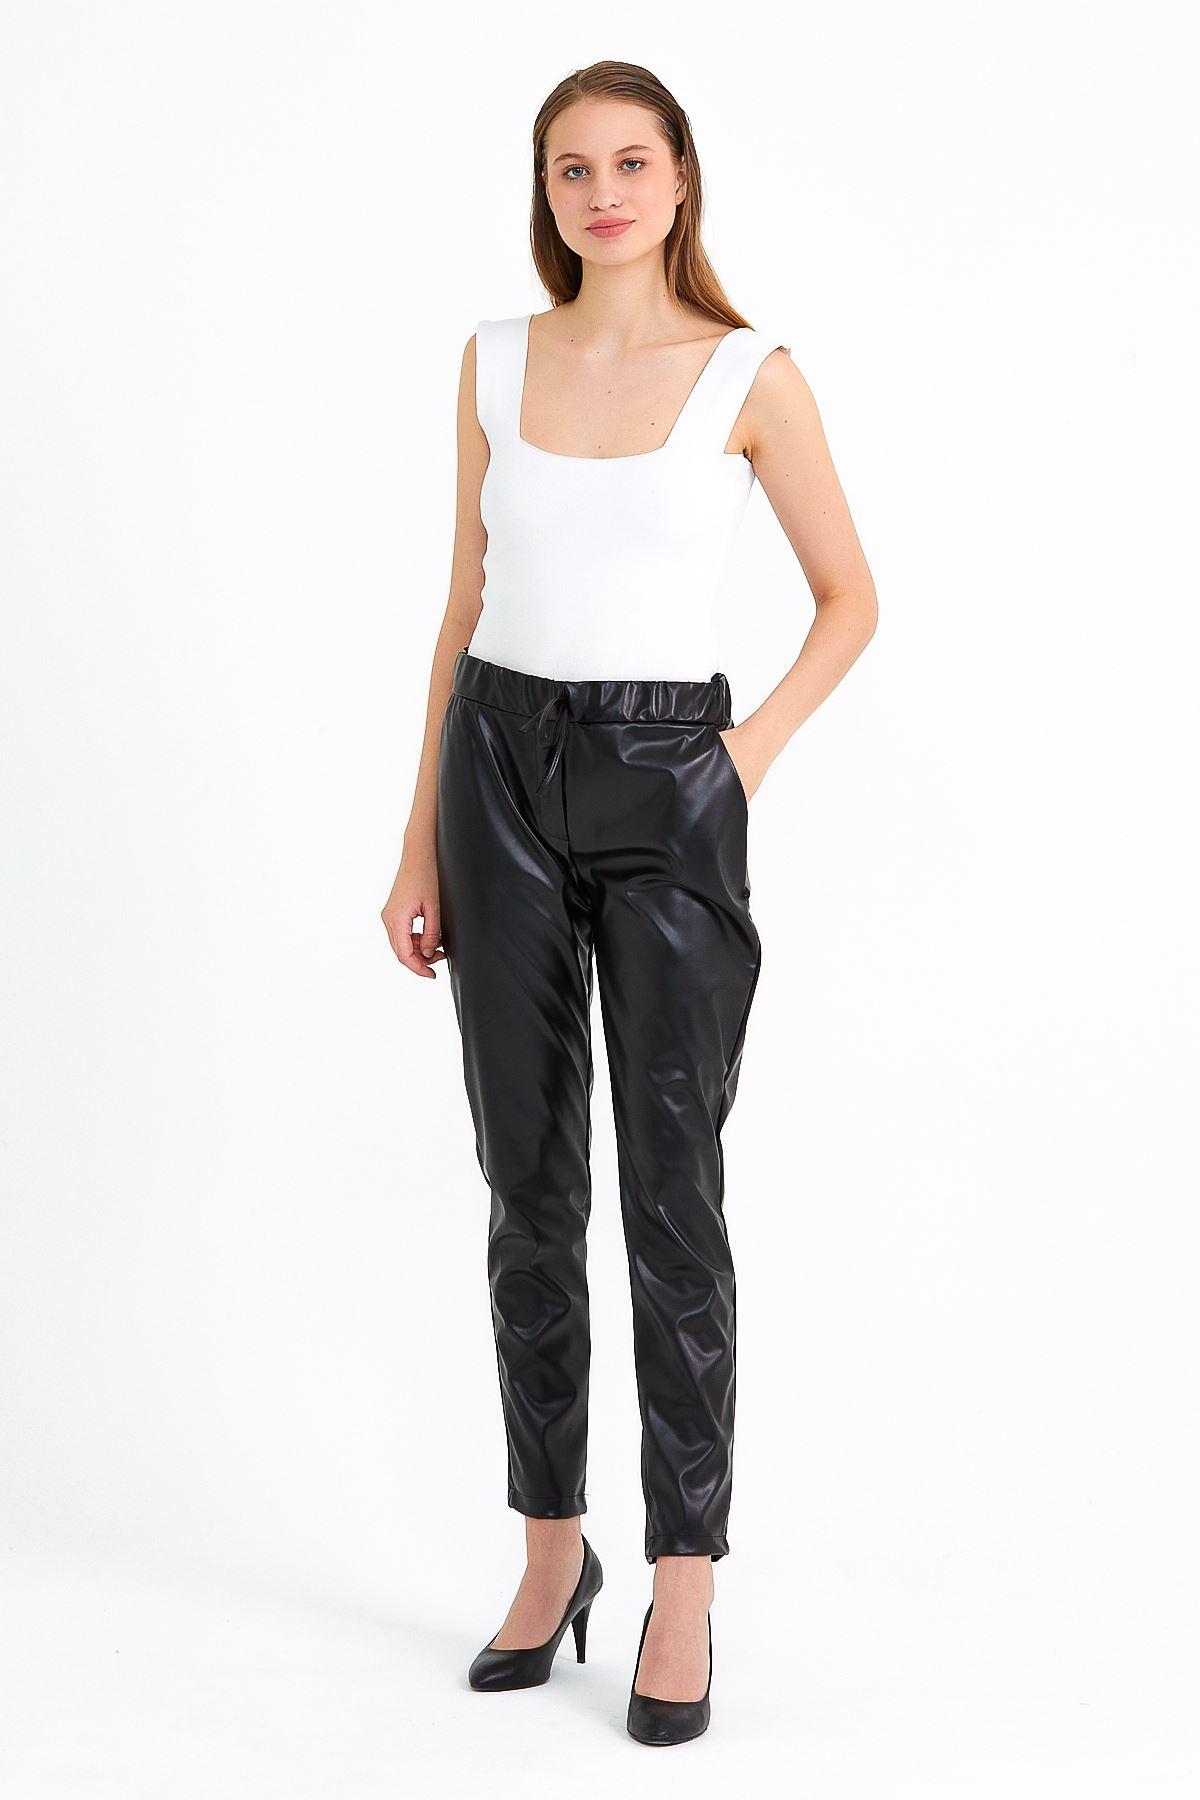 Kadın Bel Lastikli Siyah Deri Pantolon